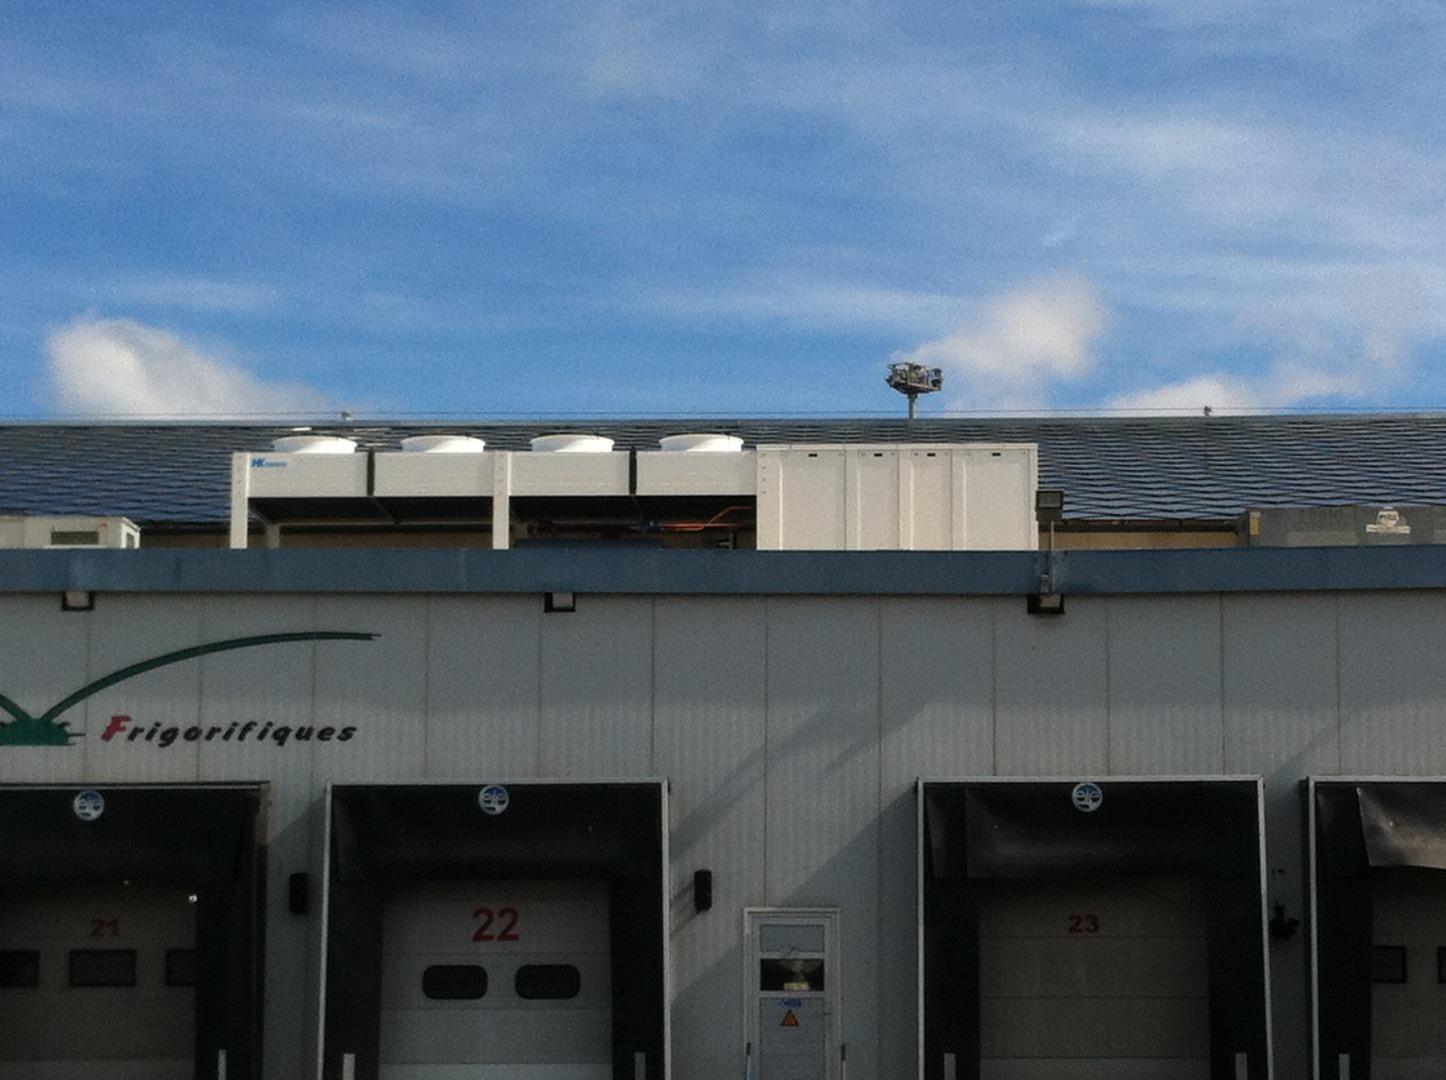 Groupes de froid en toiture